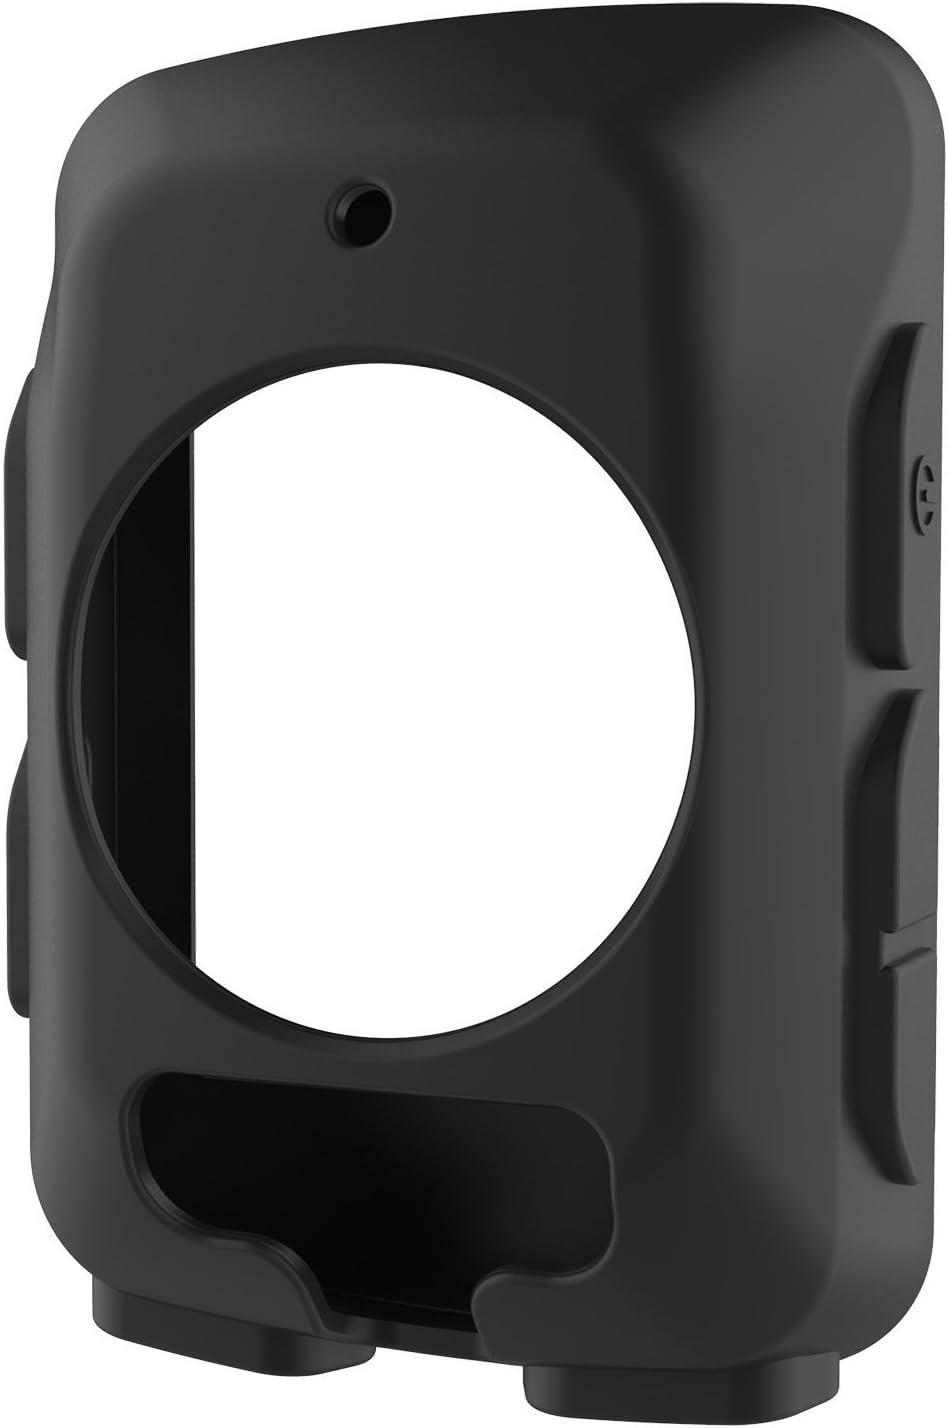 Cubierta protectora para sistema de navegaci/ón GPS para bicicleta Garmin Edge 520 para ordenador de bicicleta Garmin Edge 520 GPS